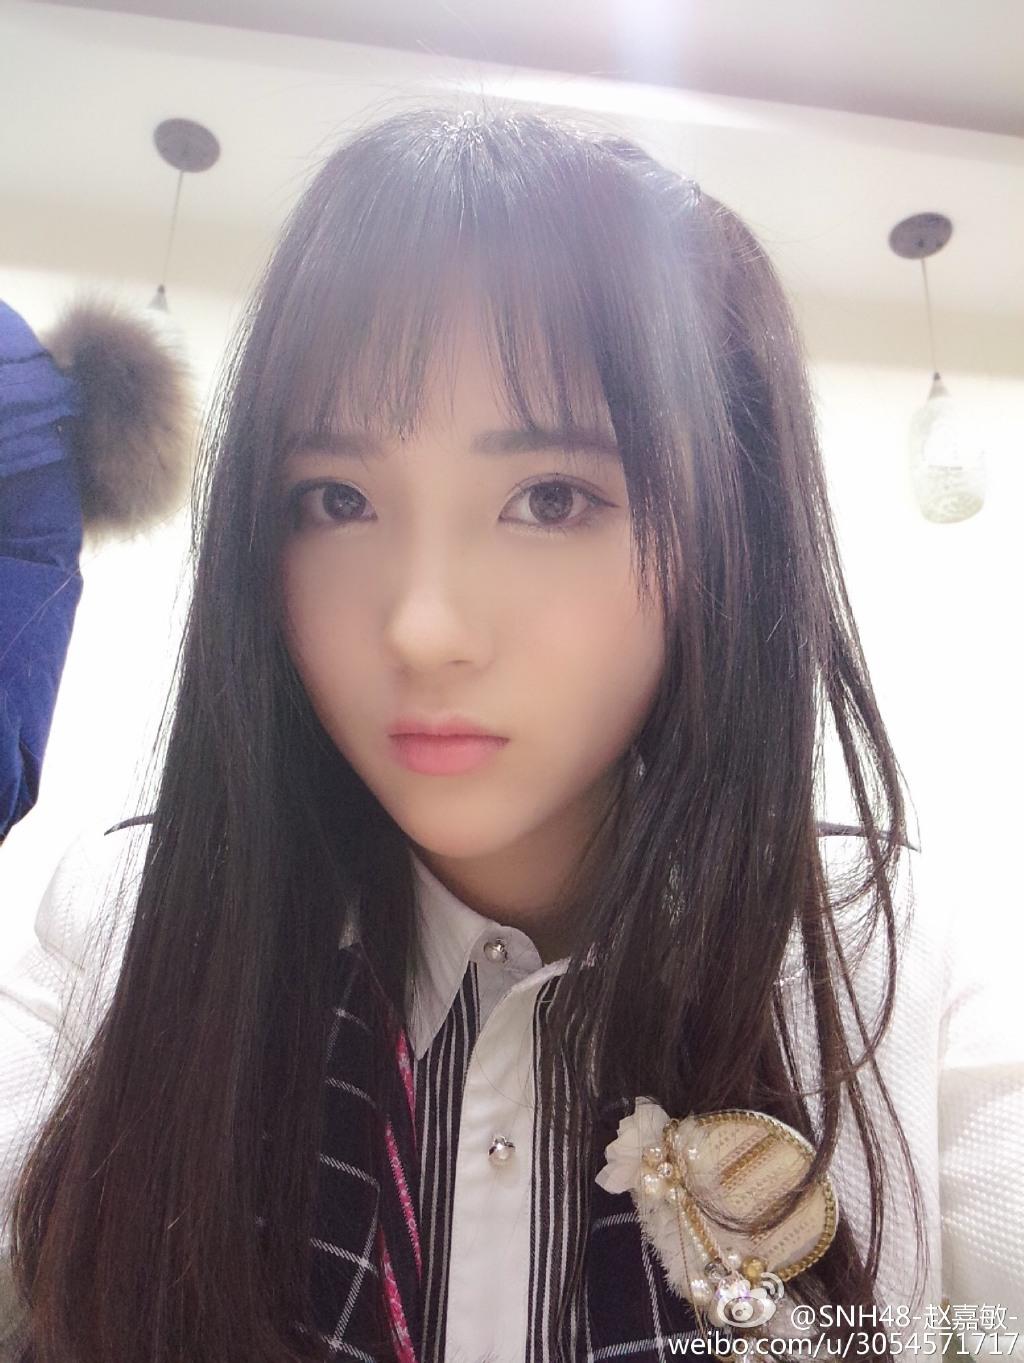 中国の整形女子高生が可愛すぎると話題に!!!ジャップJKとの格の違いwwwwwwwwwwww xup8jylerzg